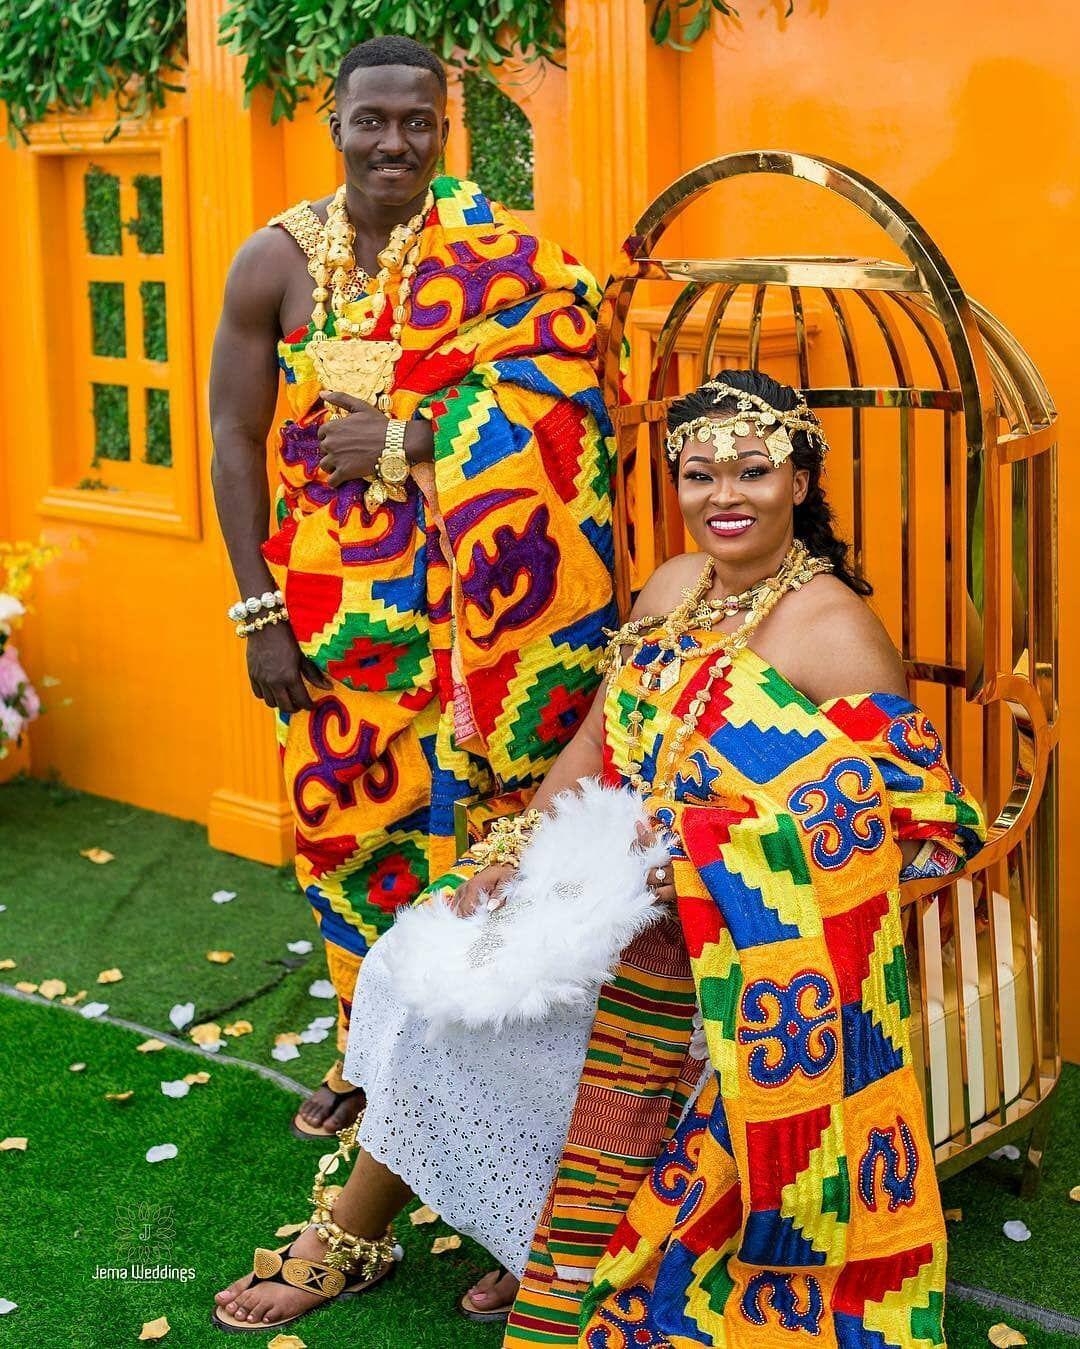 Ghanaian Traditional Wedding: L'image Contient Peut-être : 2 Personnes, Personnes Debout